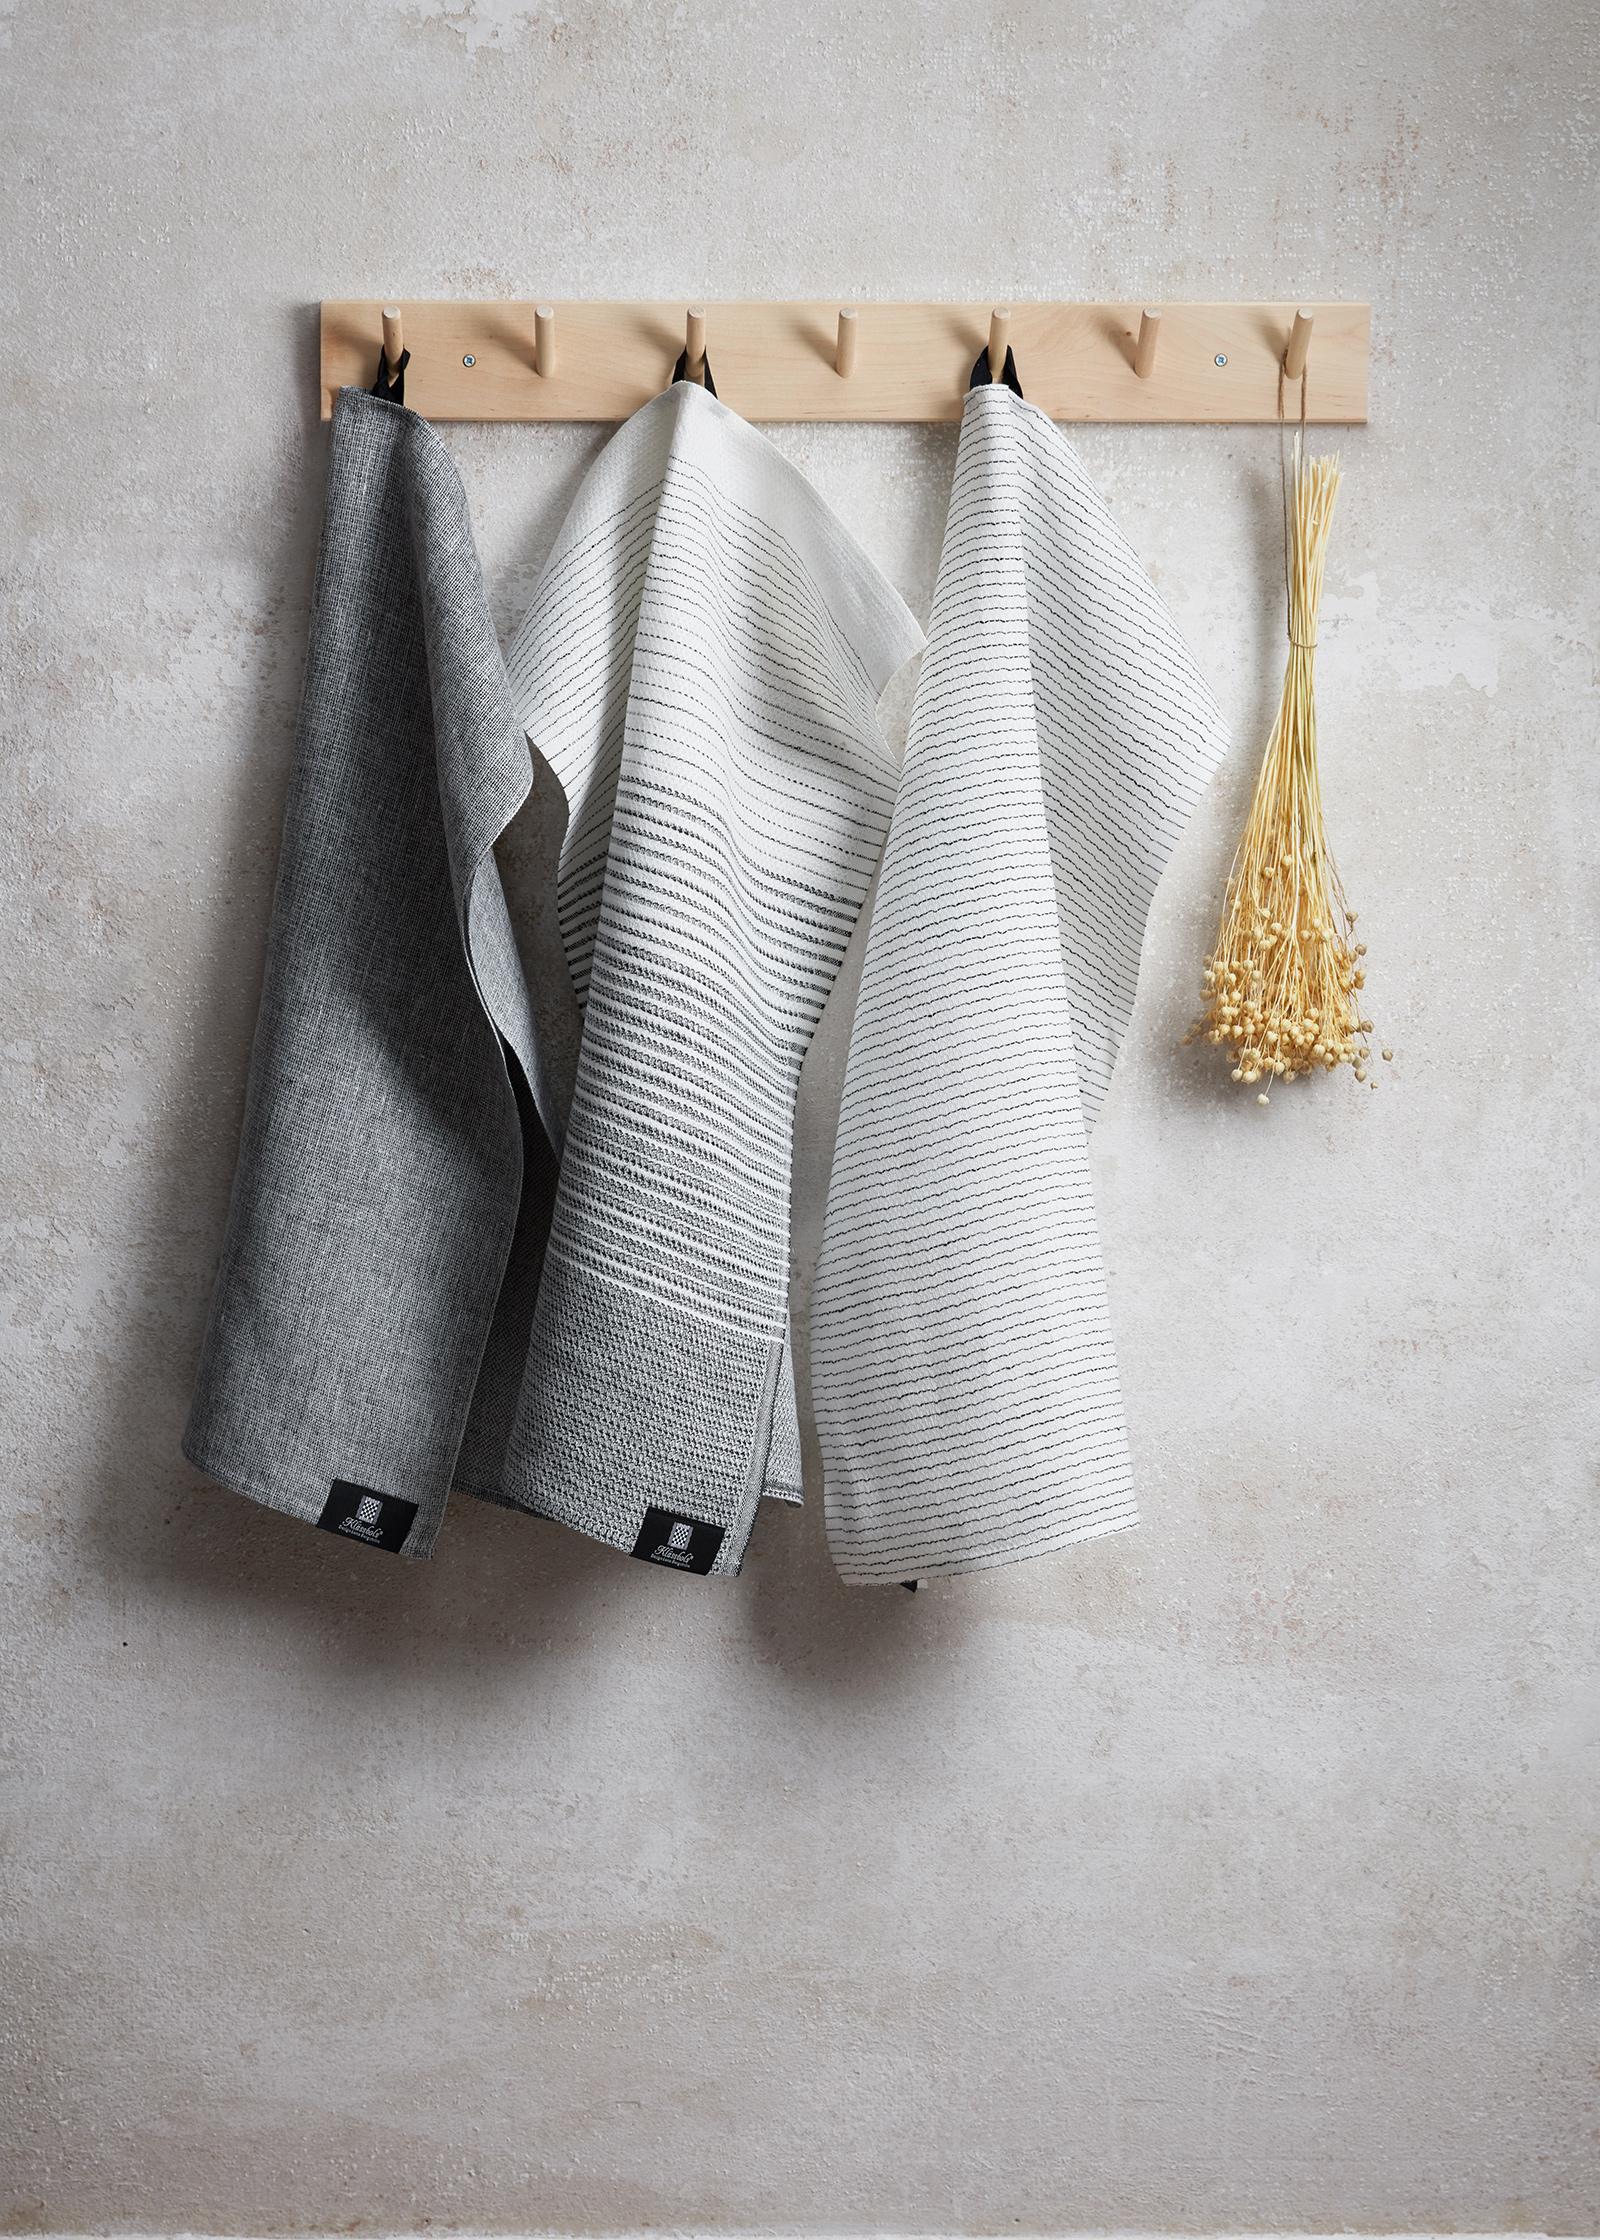 BADA handdukar Klässbols design Lena Bergström